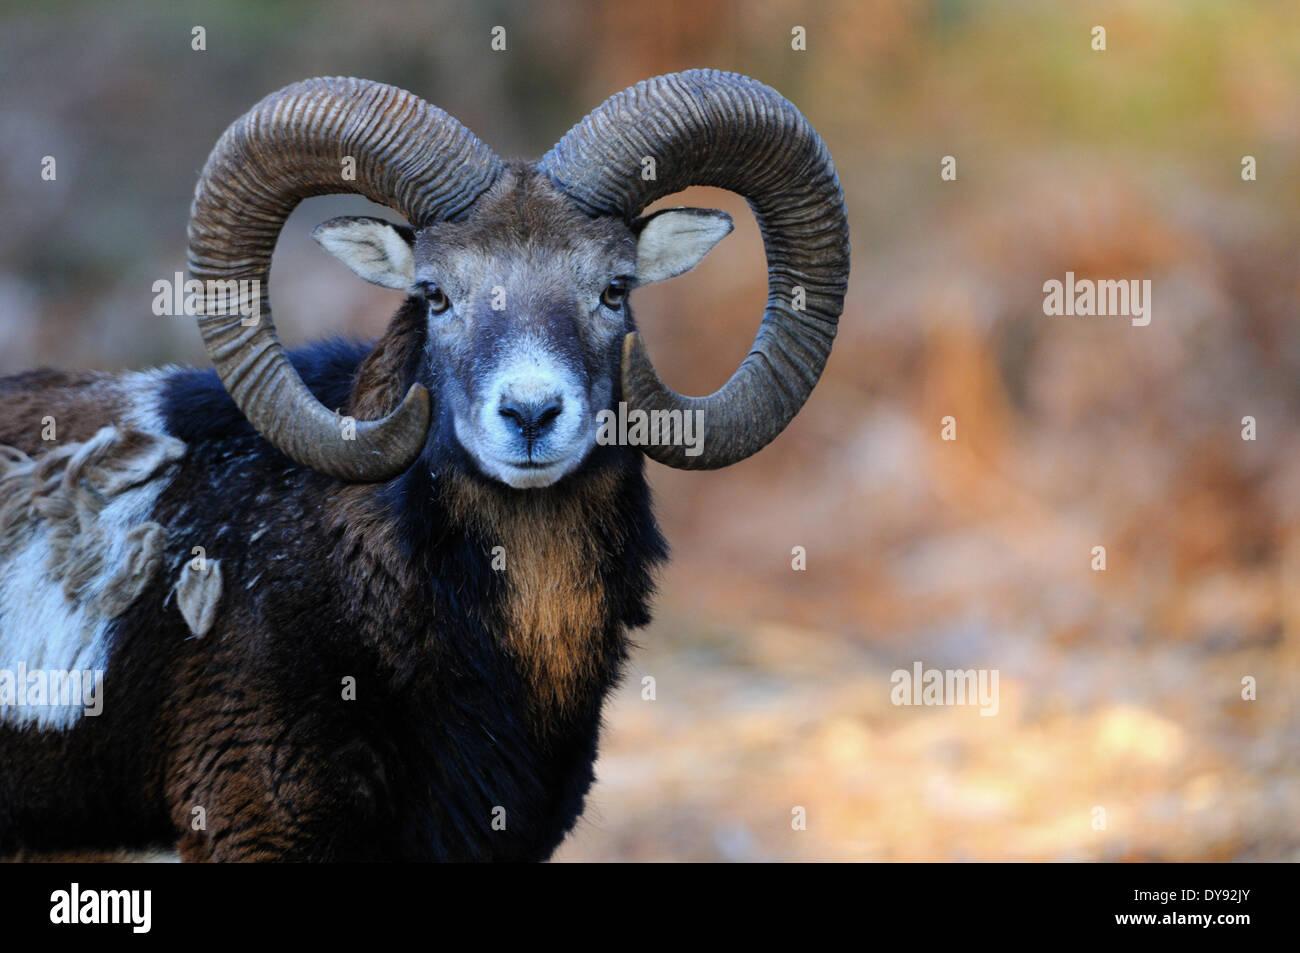 Mufflon ram le pecore di montagna Ovis ammon musimon cappotto invernale selvaggio di ovini ovini caprini-antilopi corno corna Mufflons animale animali, Immagini Stock